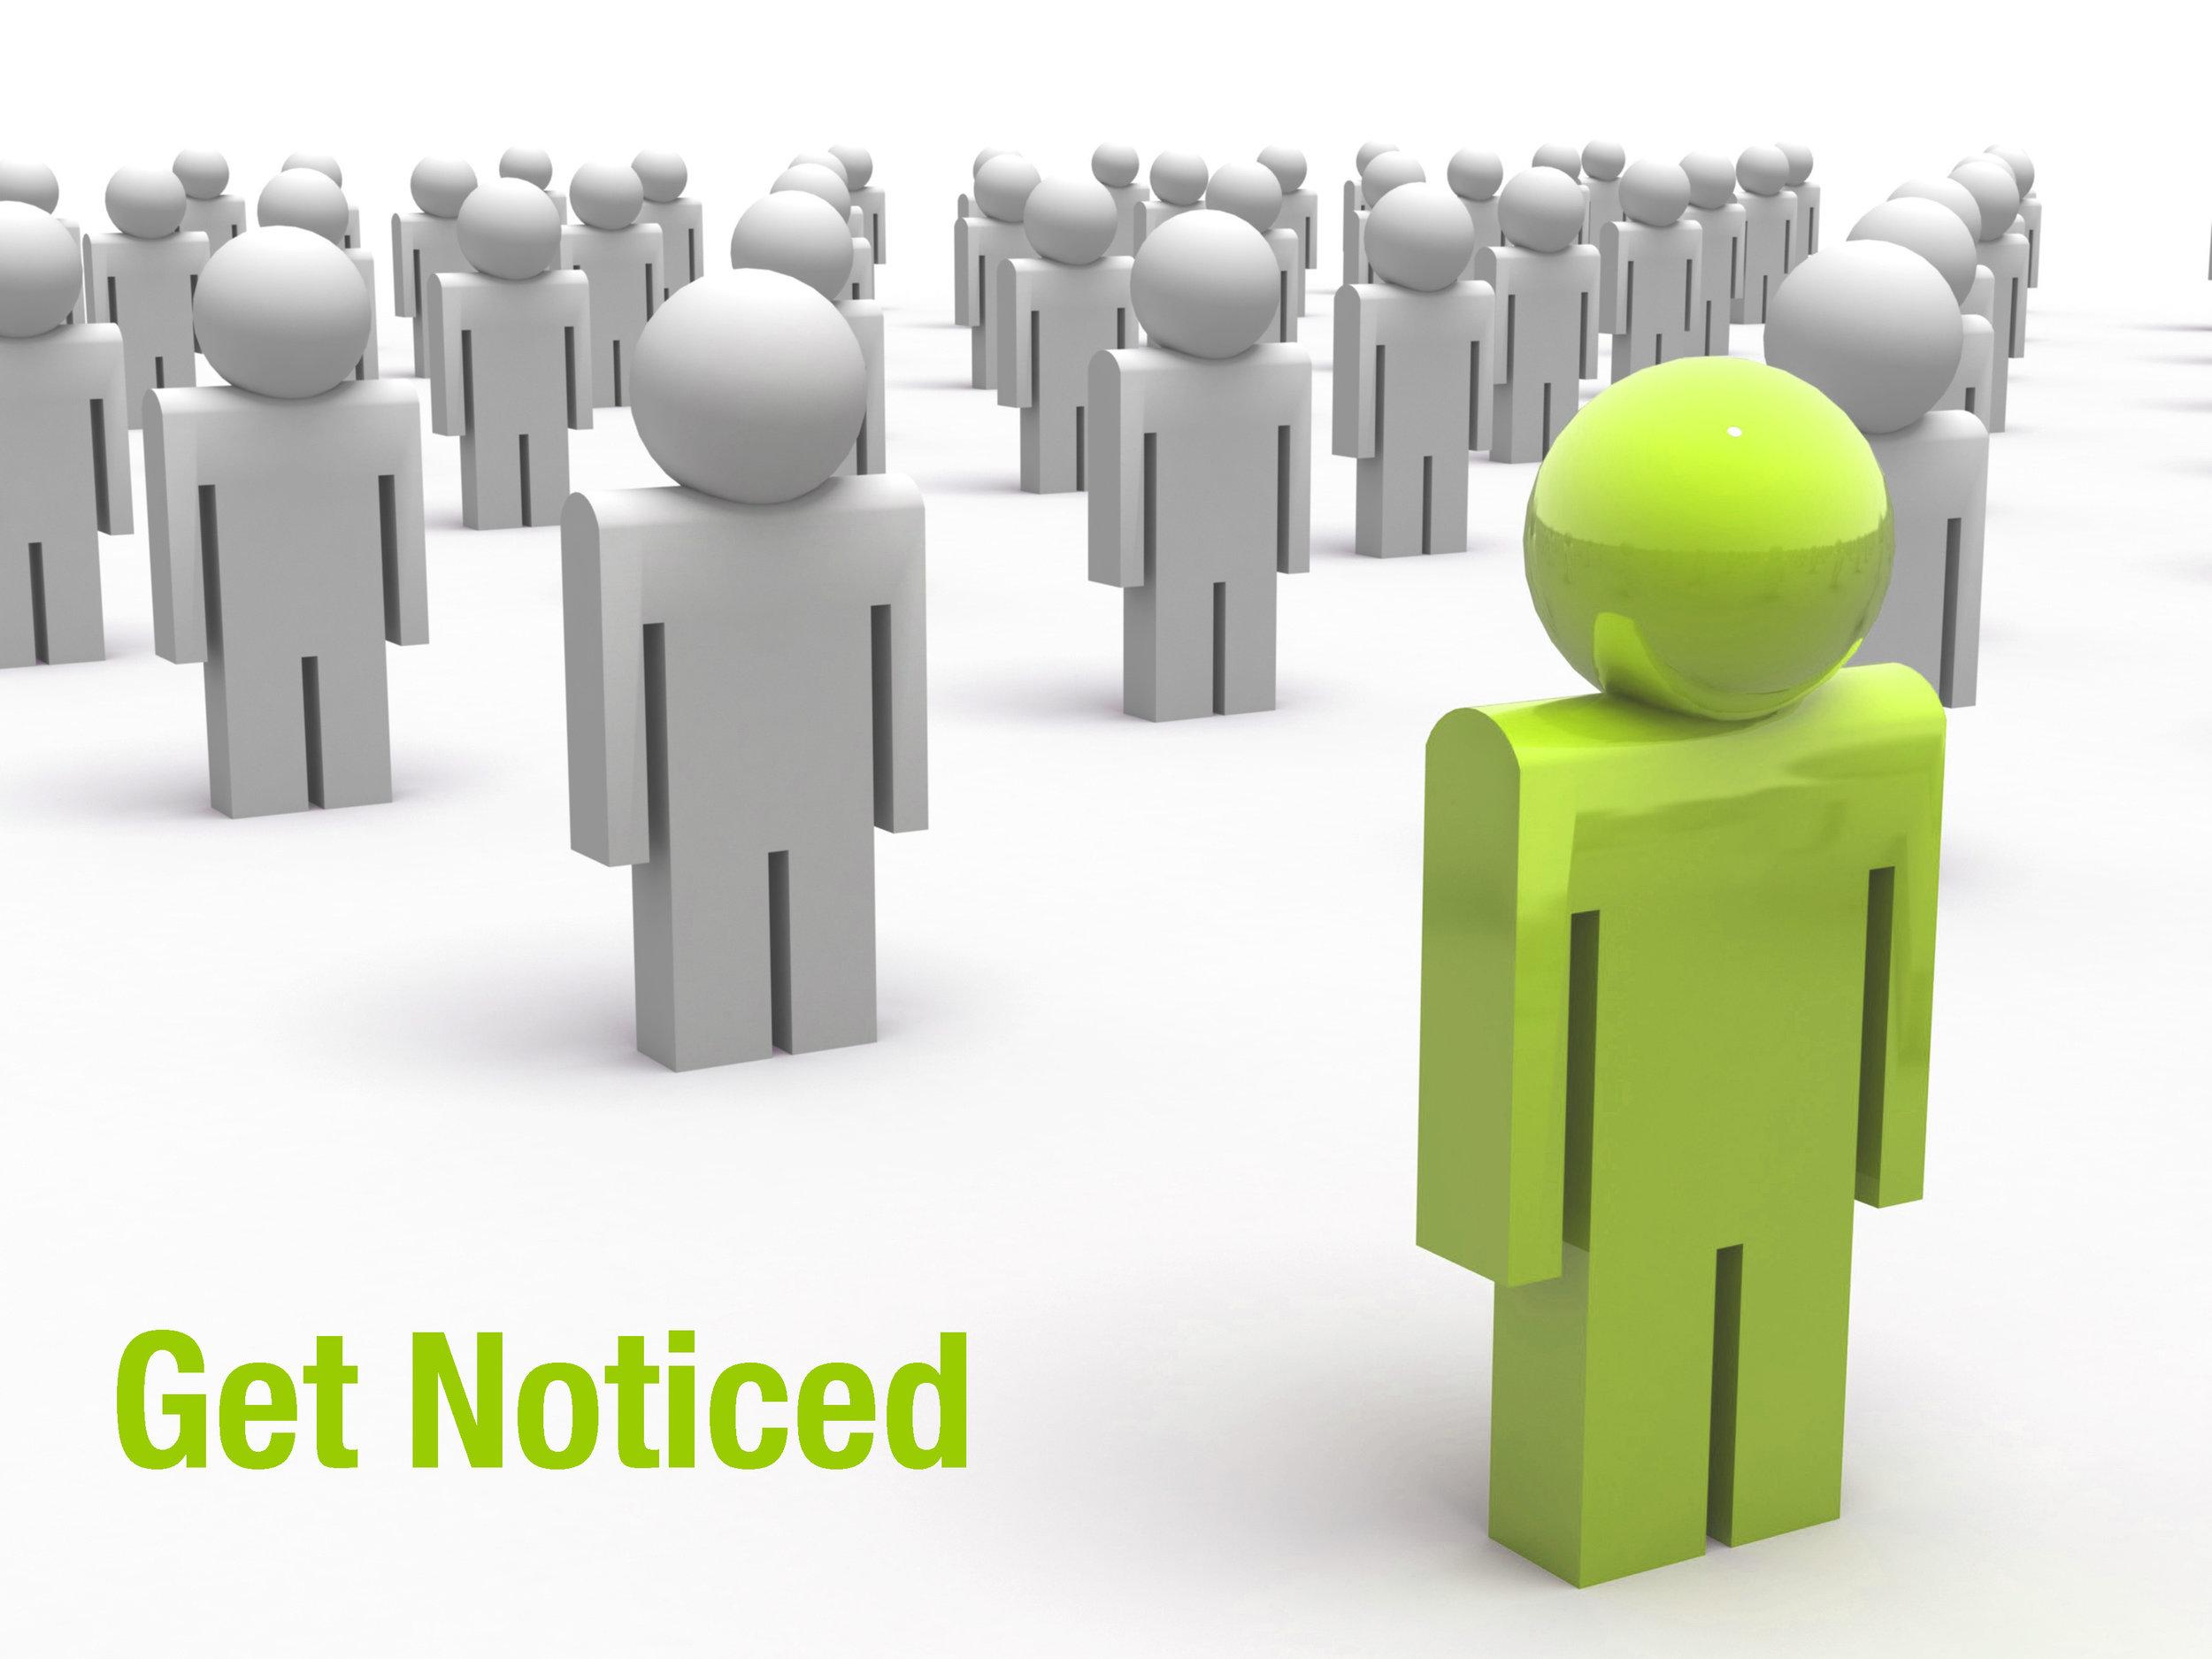 Get-noticed-green-guy-upfront.jpg